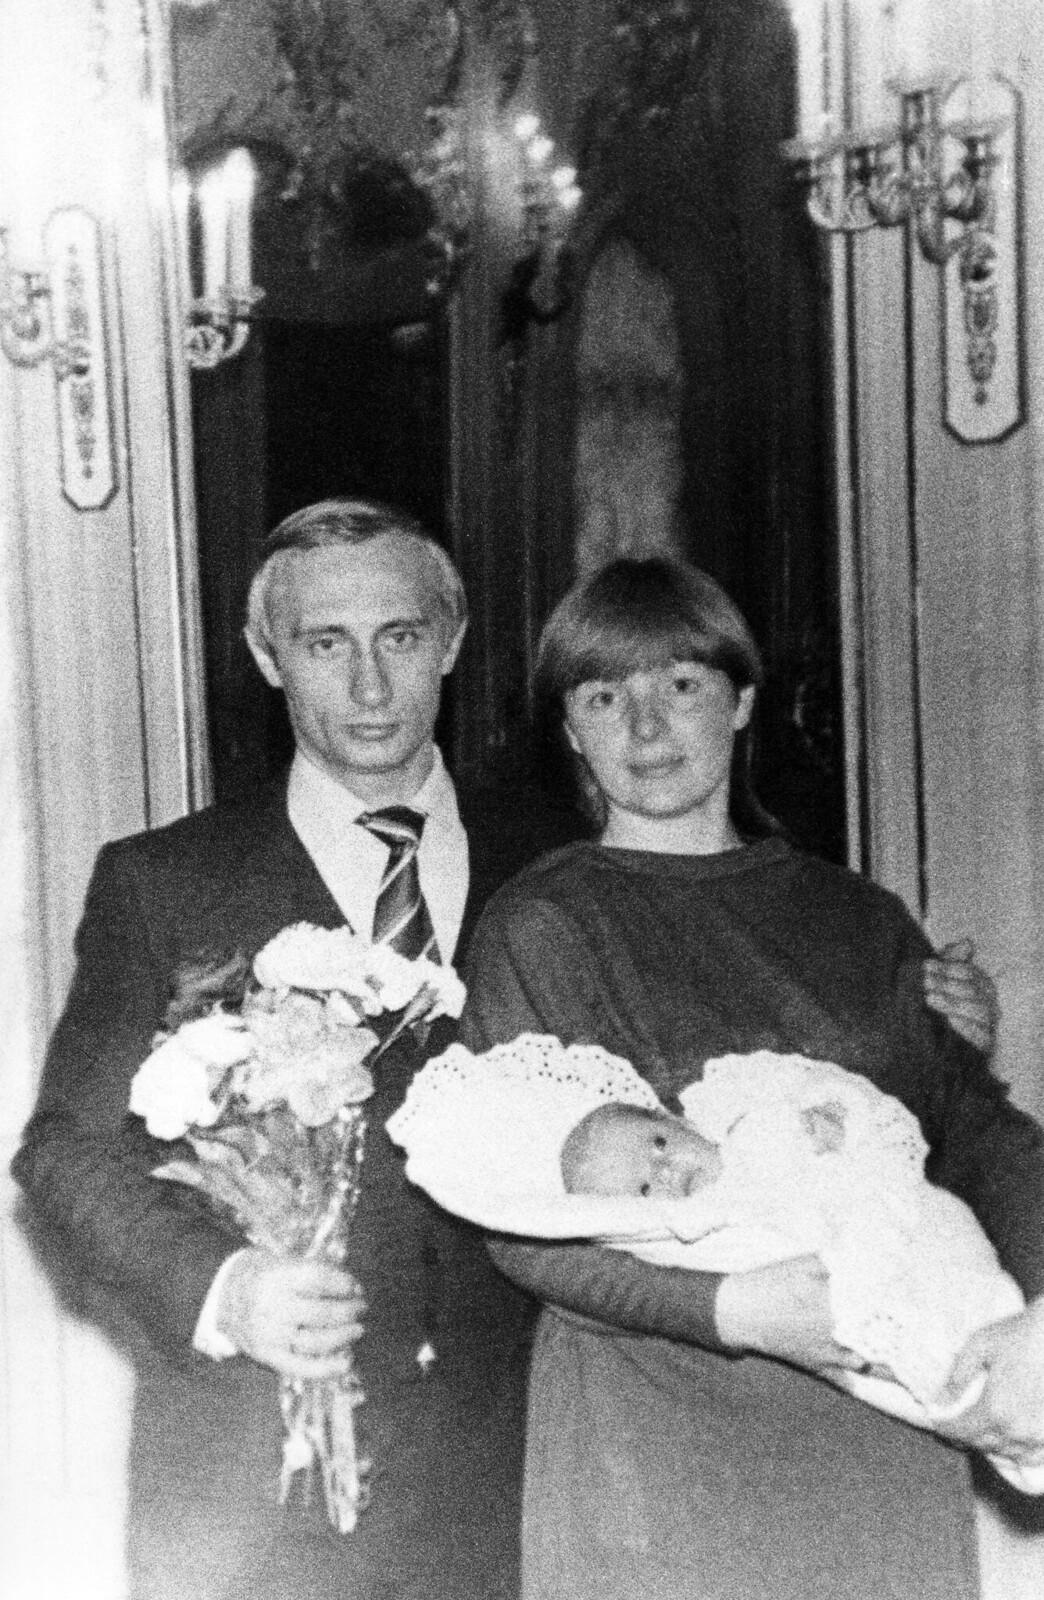 1985. Владимир Путин с женой Людмилой и дочерью Катей, весна